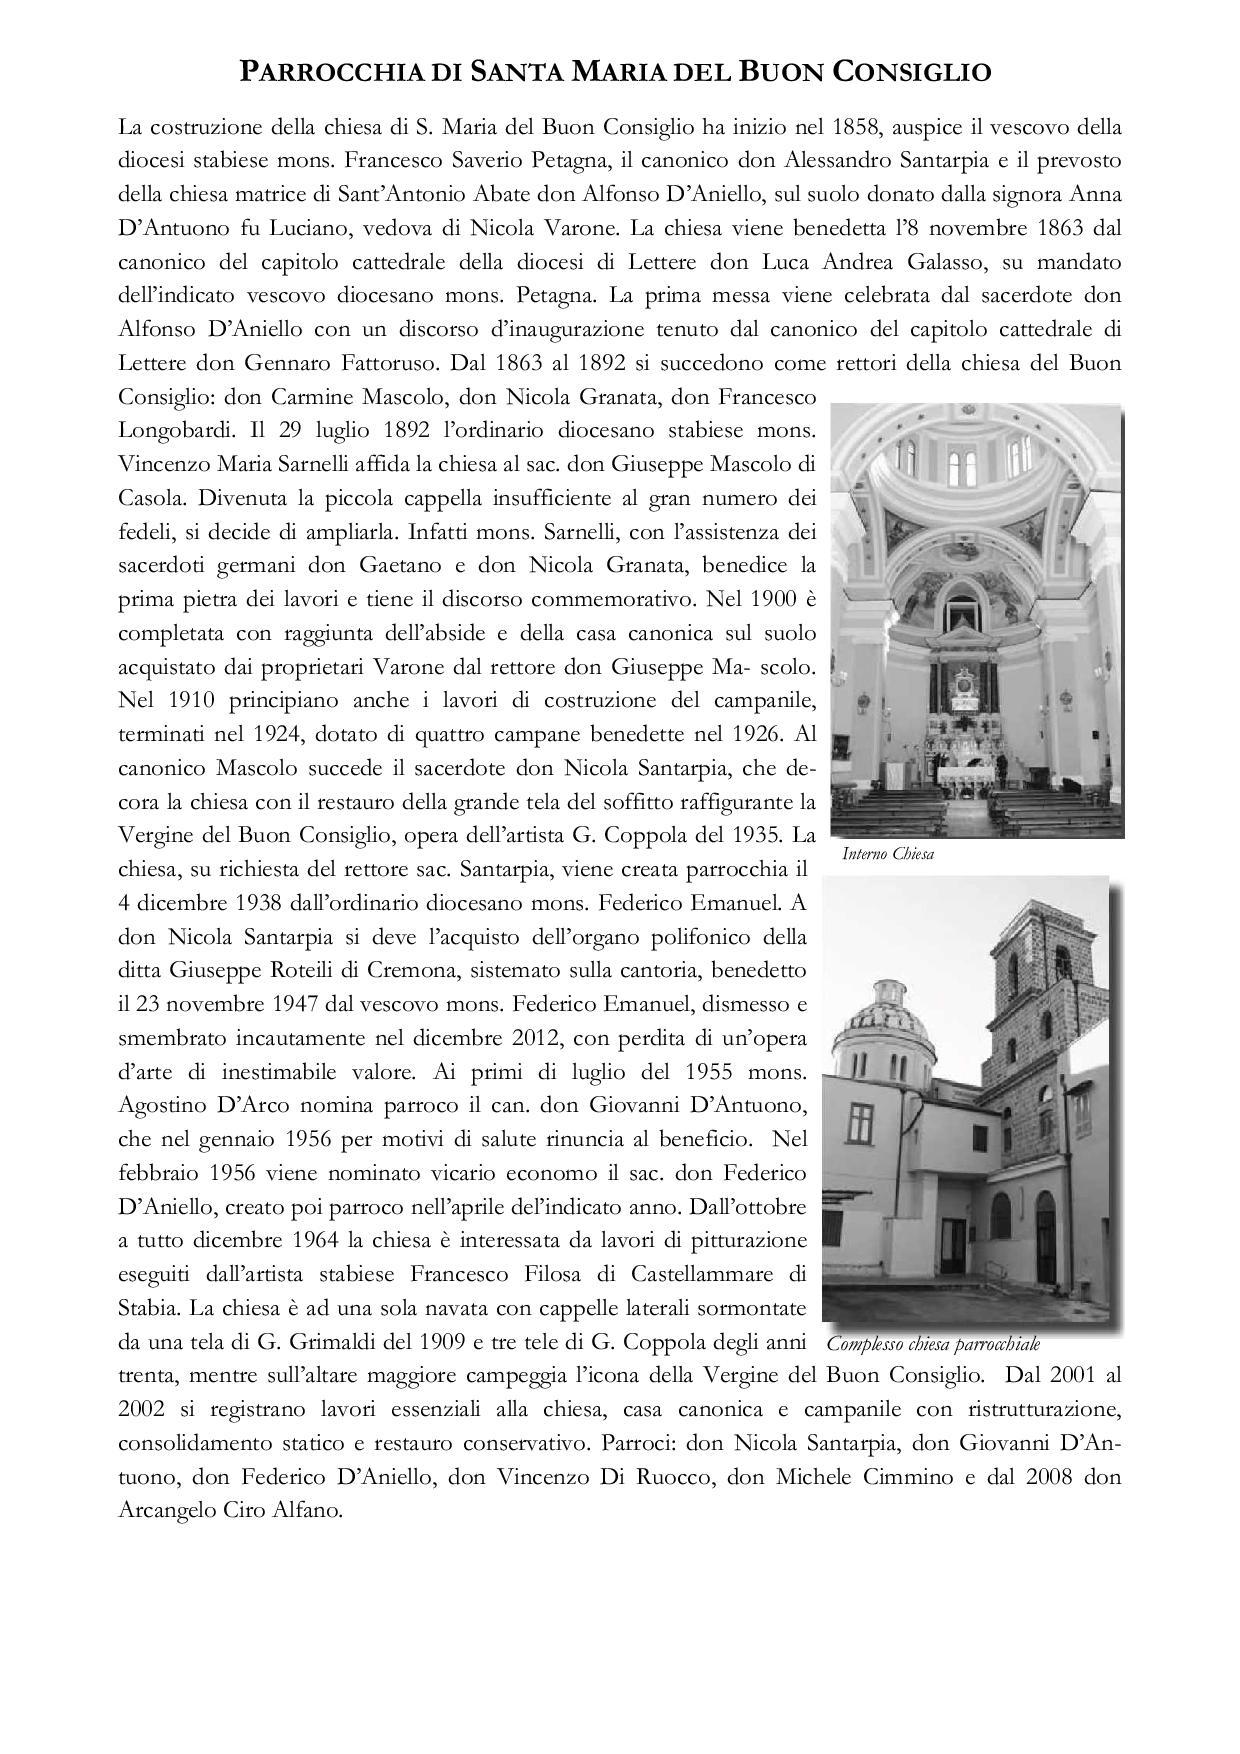 Parrocchia di Santa Maria del Buon Consiglio